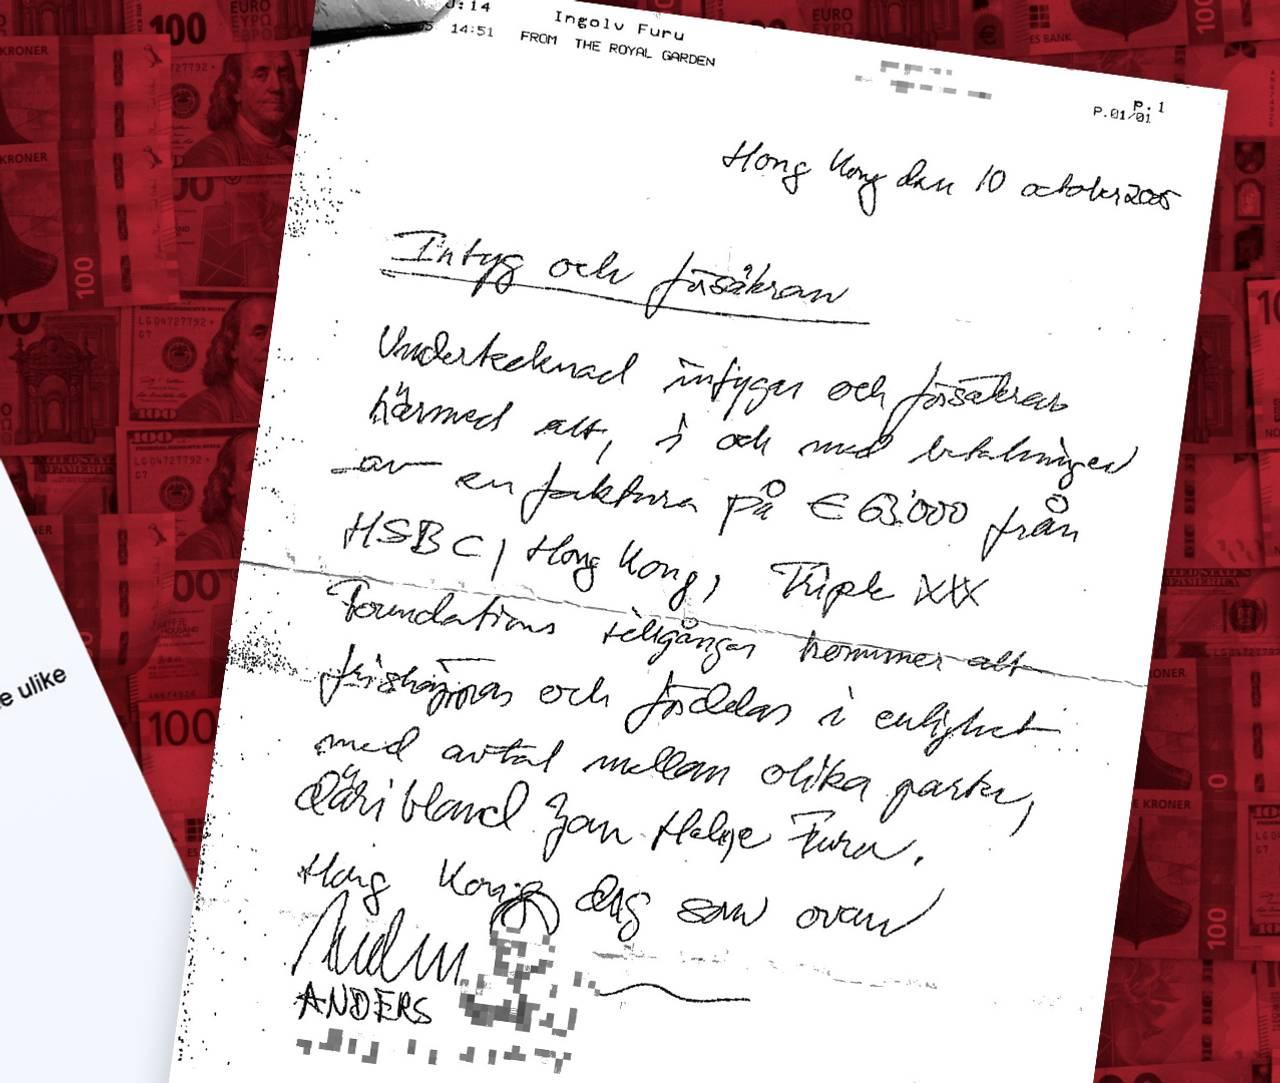 Håndskrevet faks